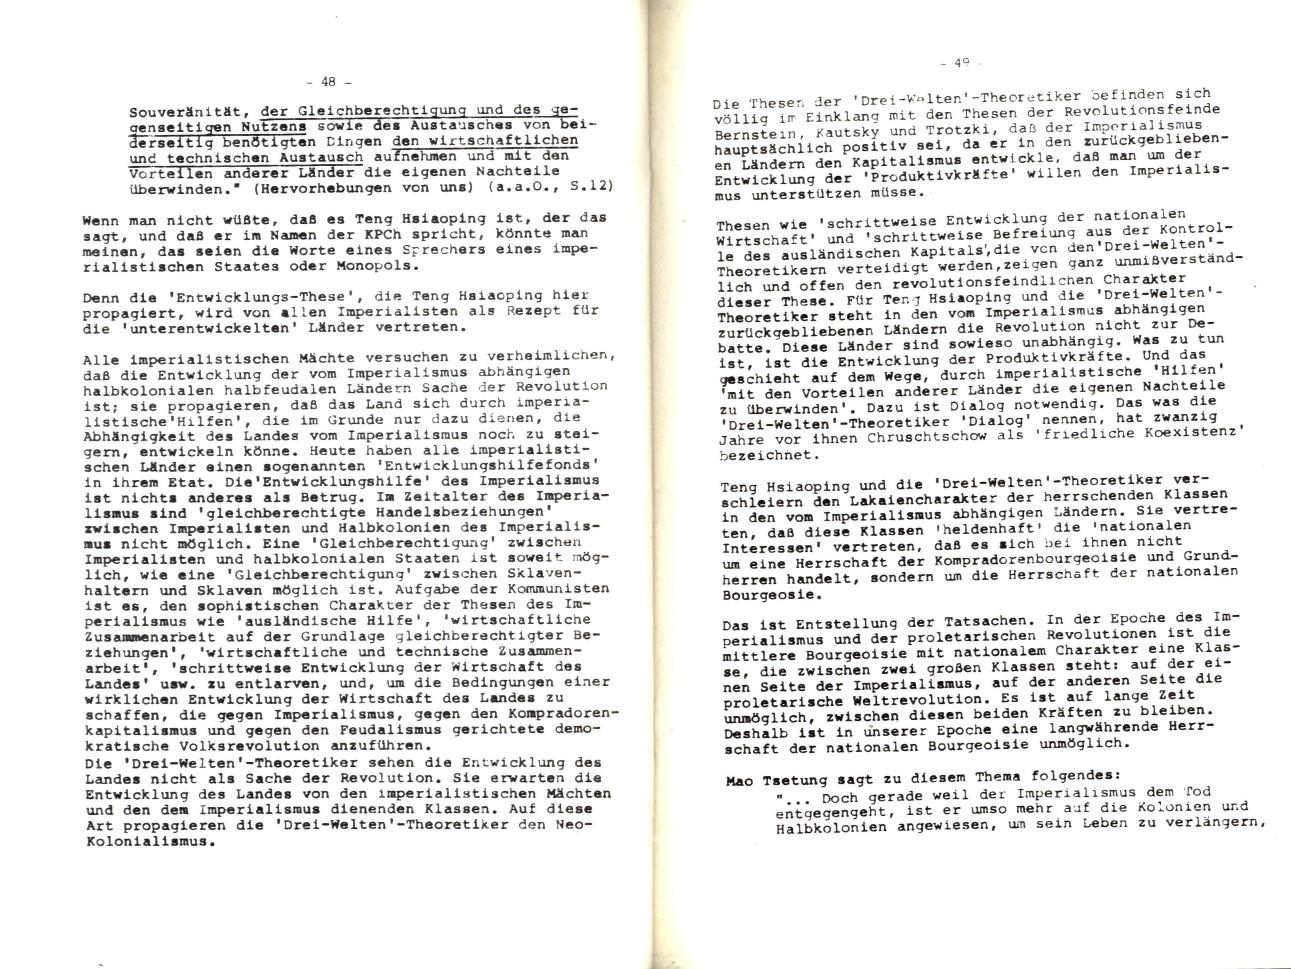 MLSK_Theorie_und_Praxis_des_ML_1978_21_33